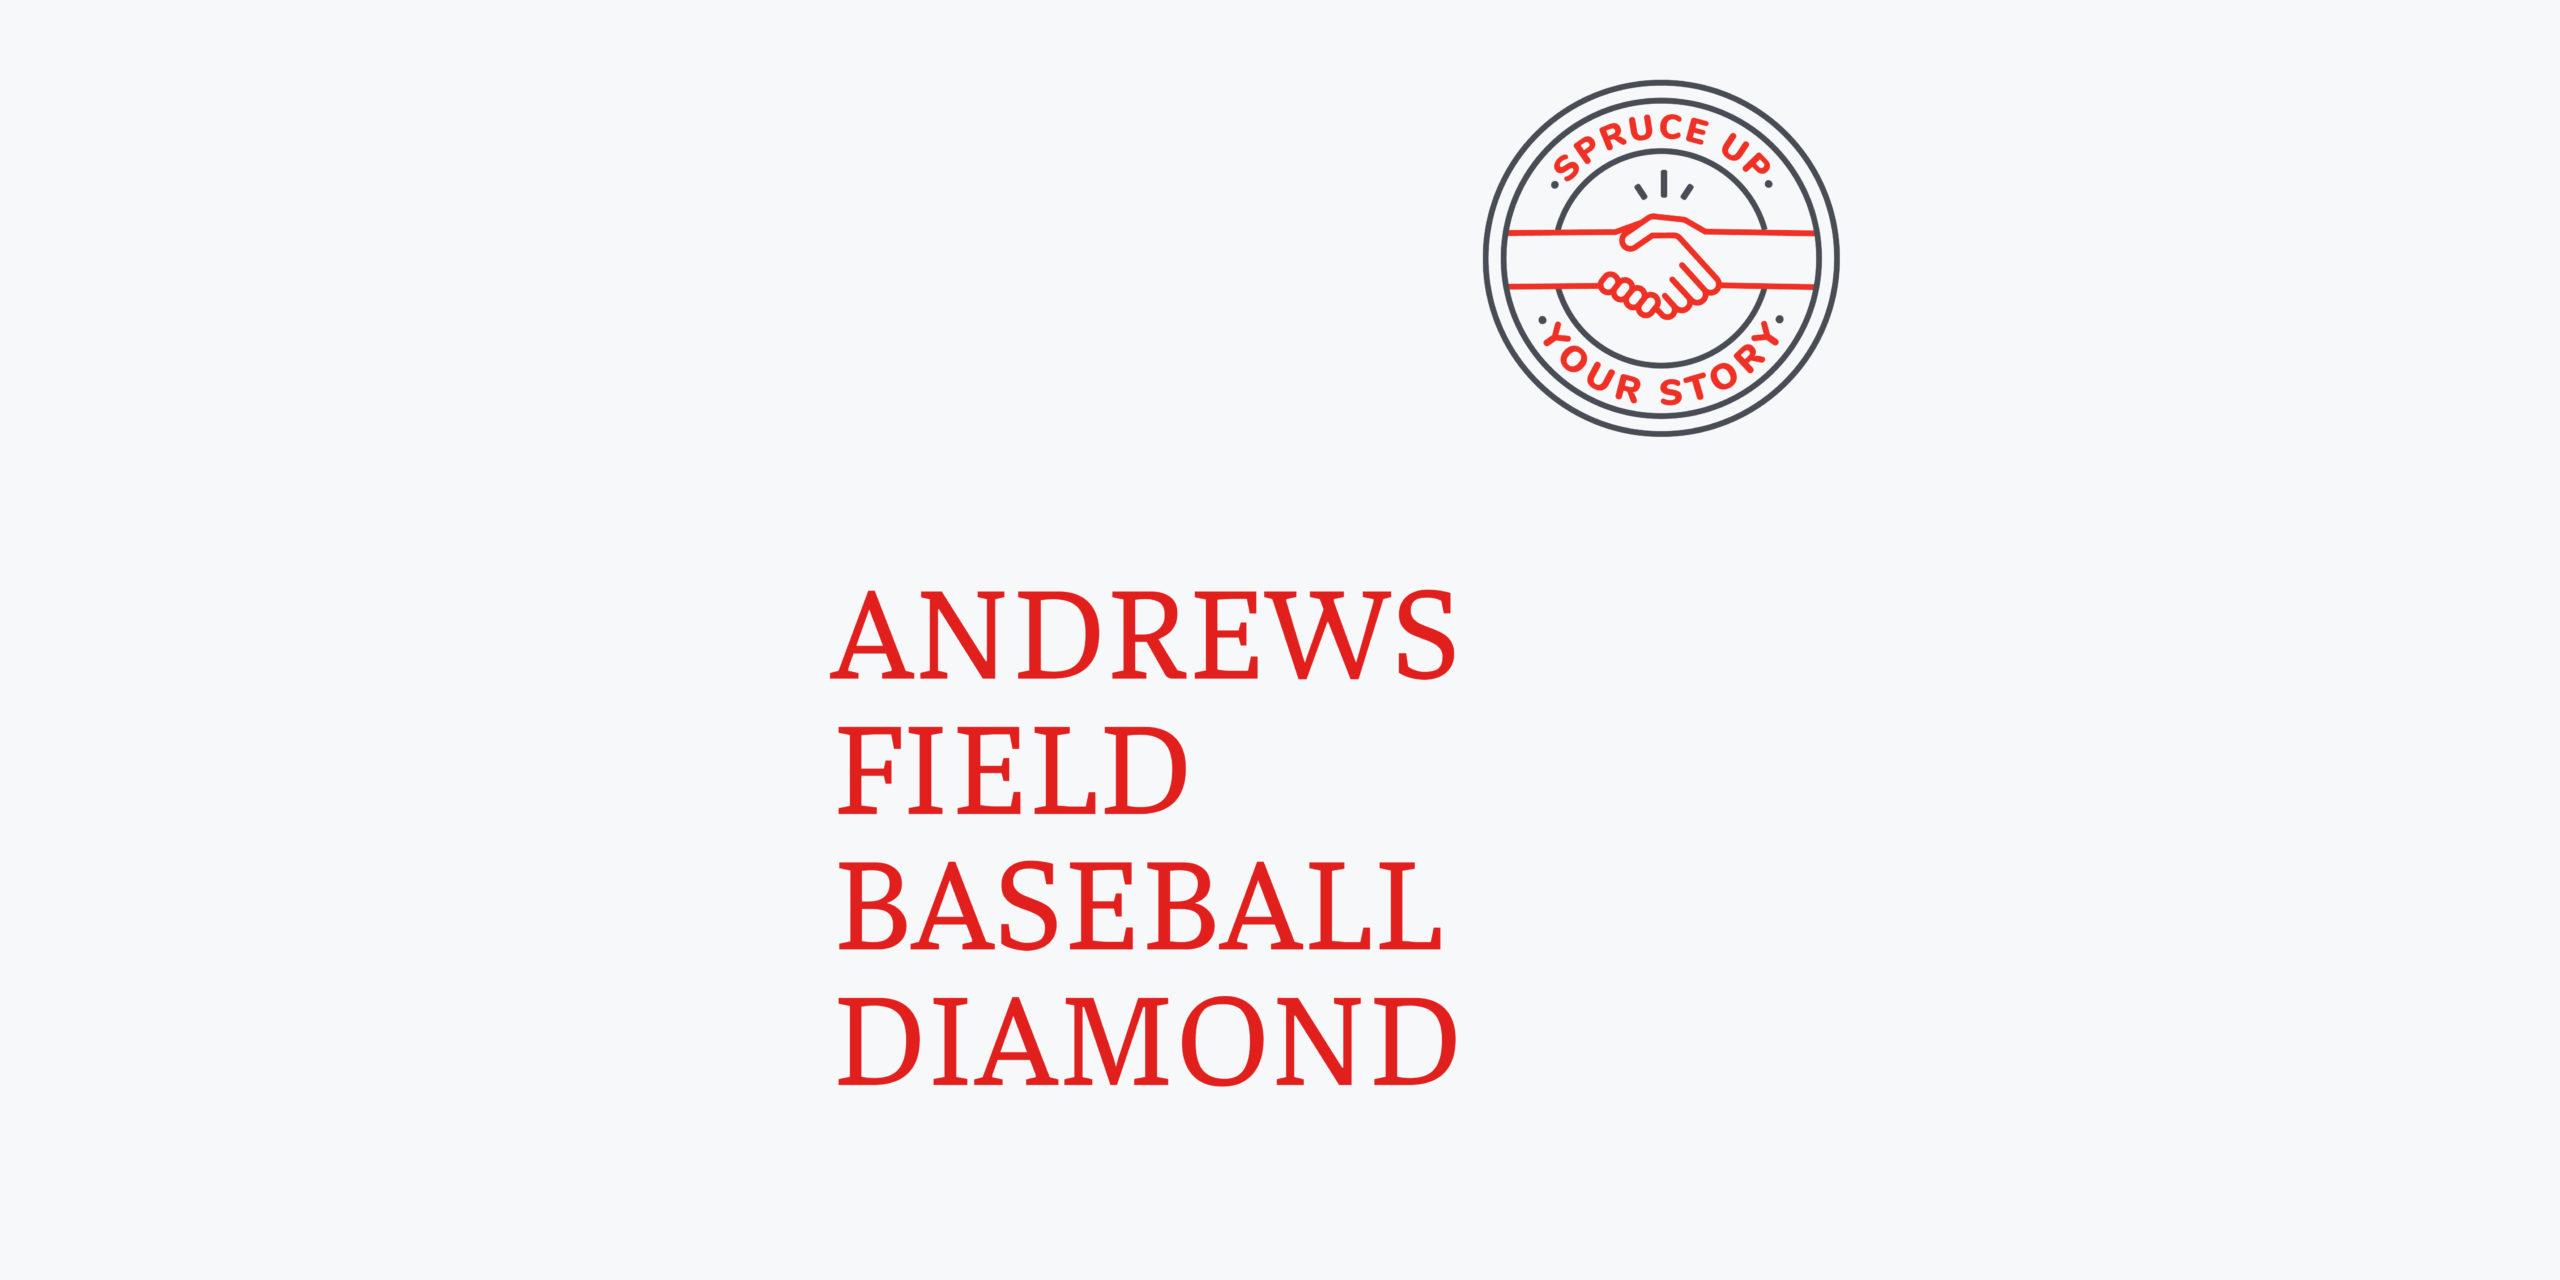 Andrews Field Baseball Stadium